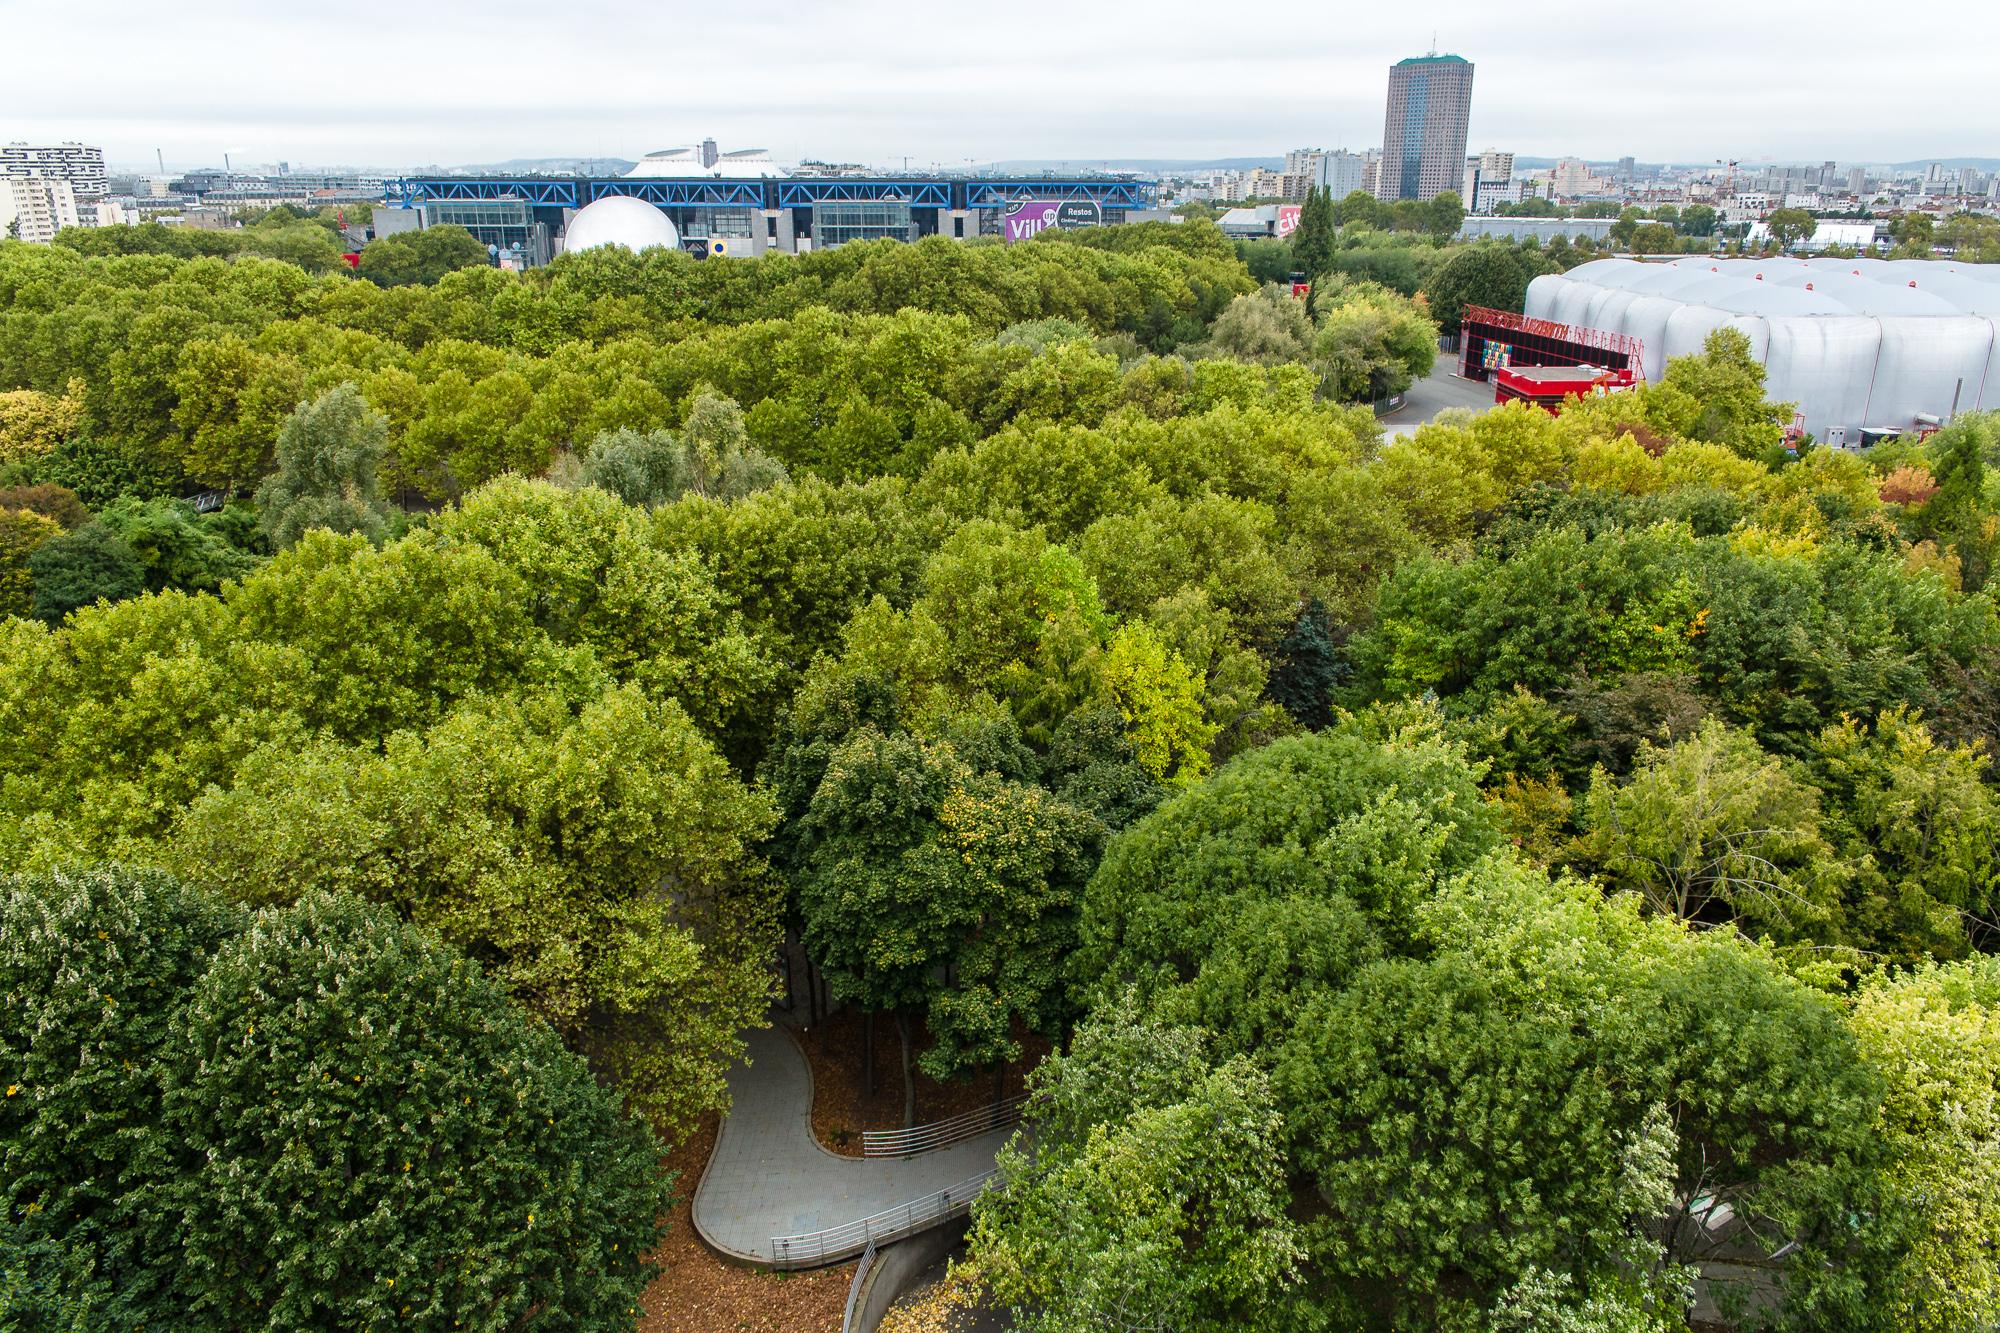 Parijs : Parc de la Villette